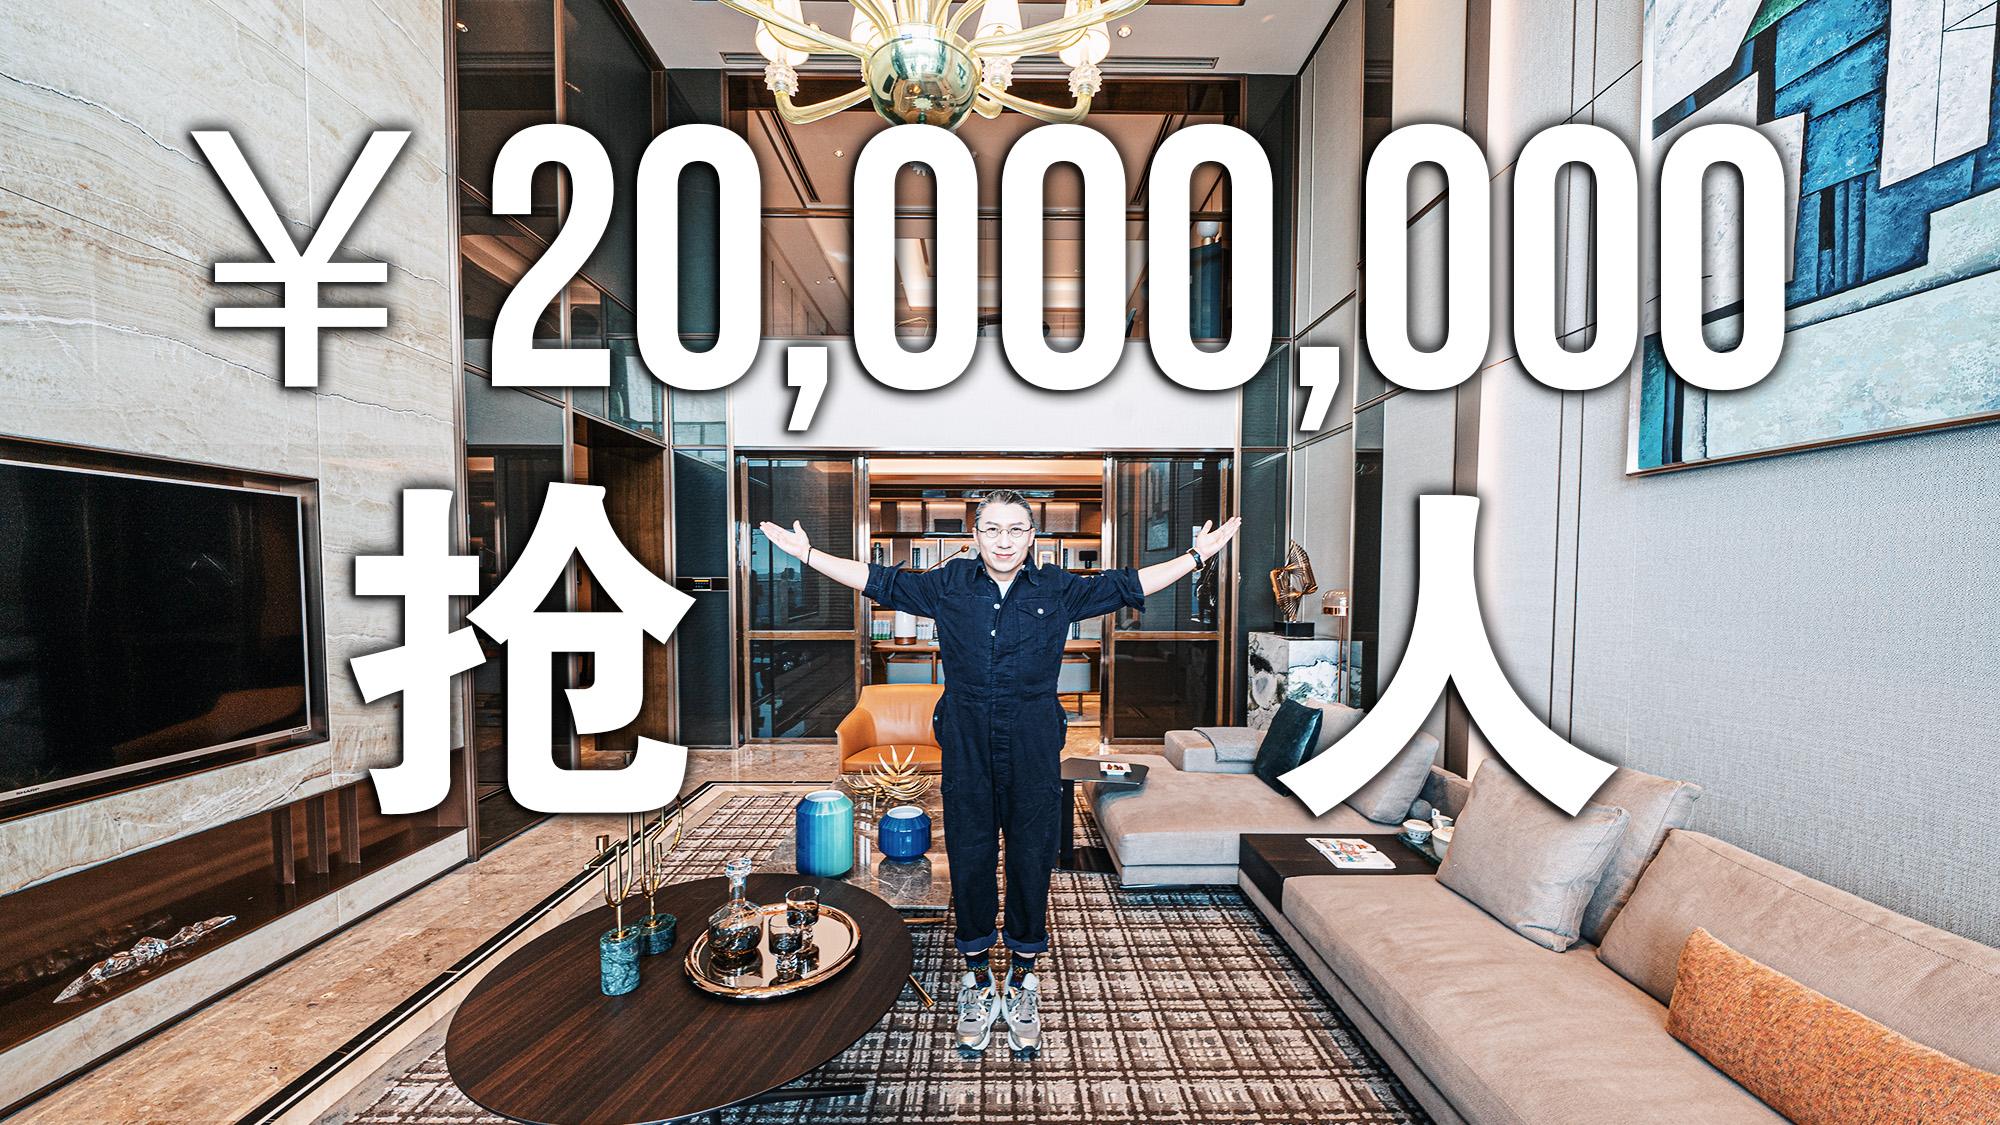 【艾叔】杭州2000万豪宅,把五星级酒店搬回家是怎样的体验